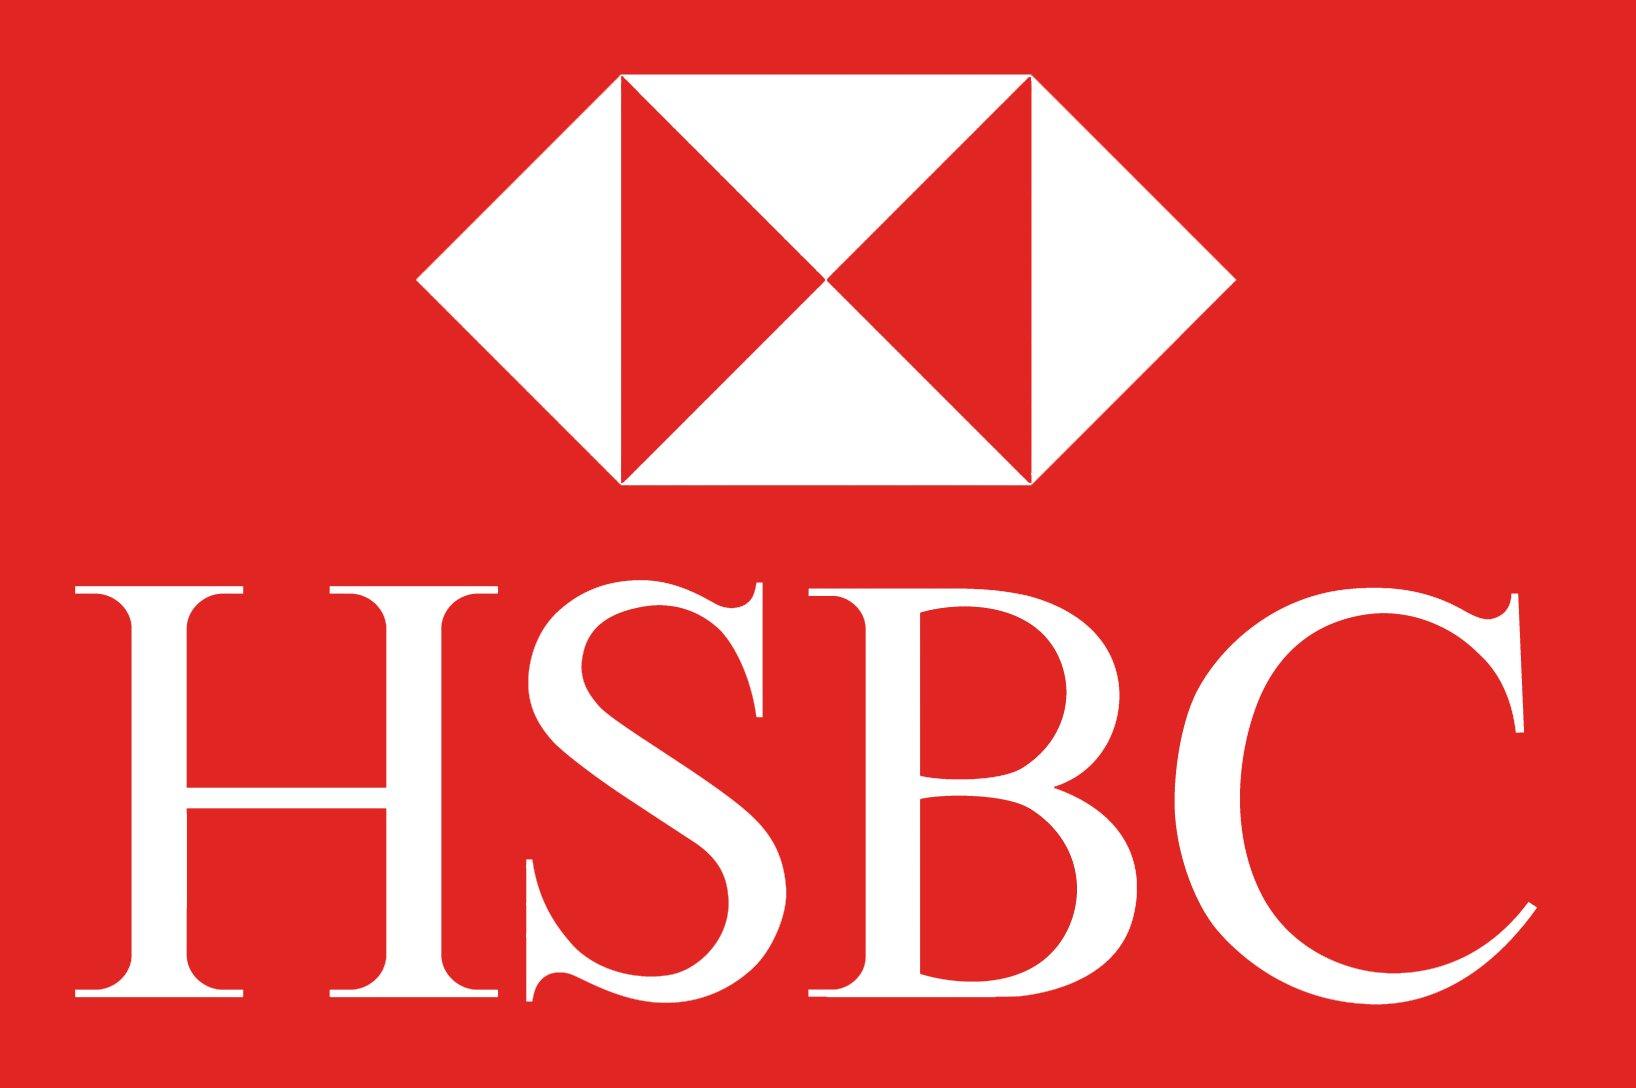 Hsbc logo white — 1